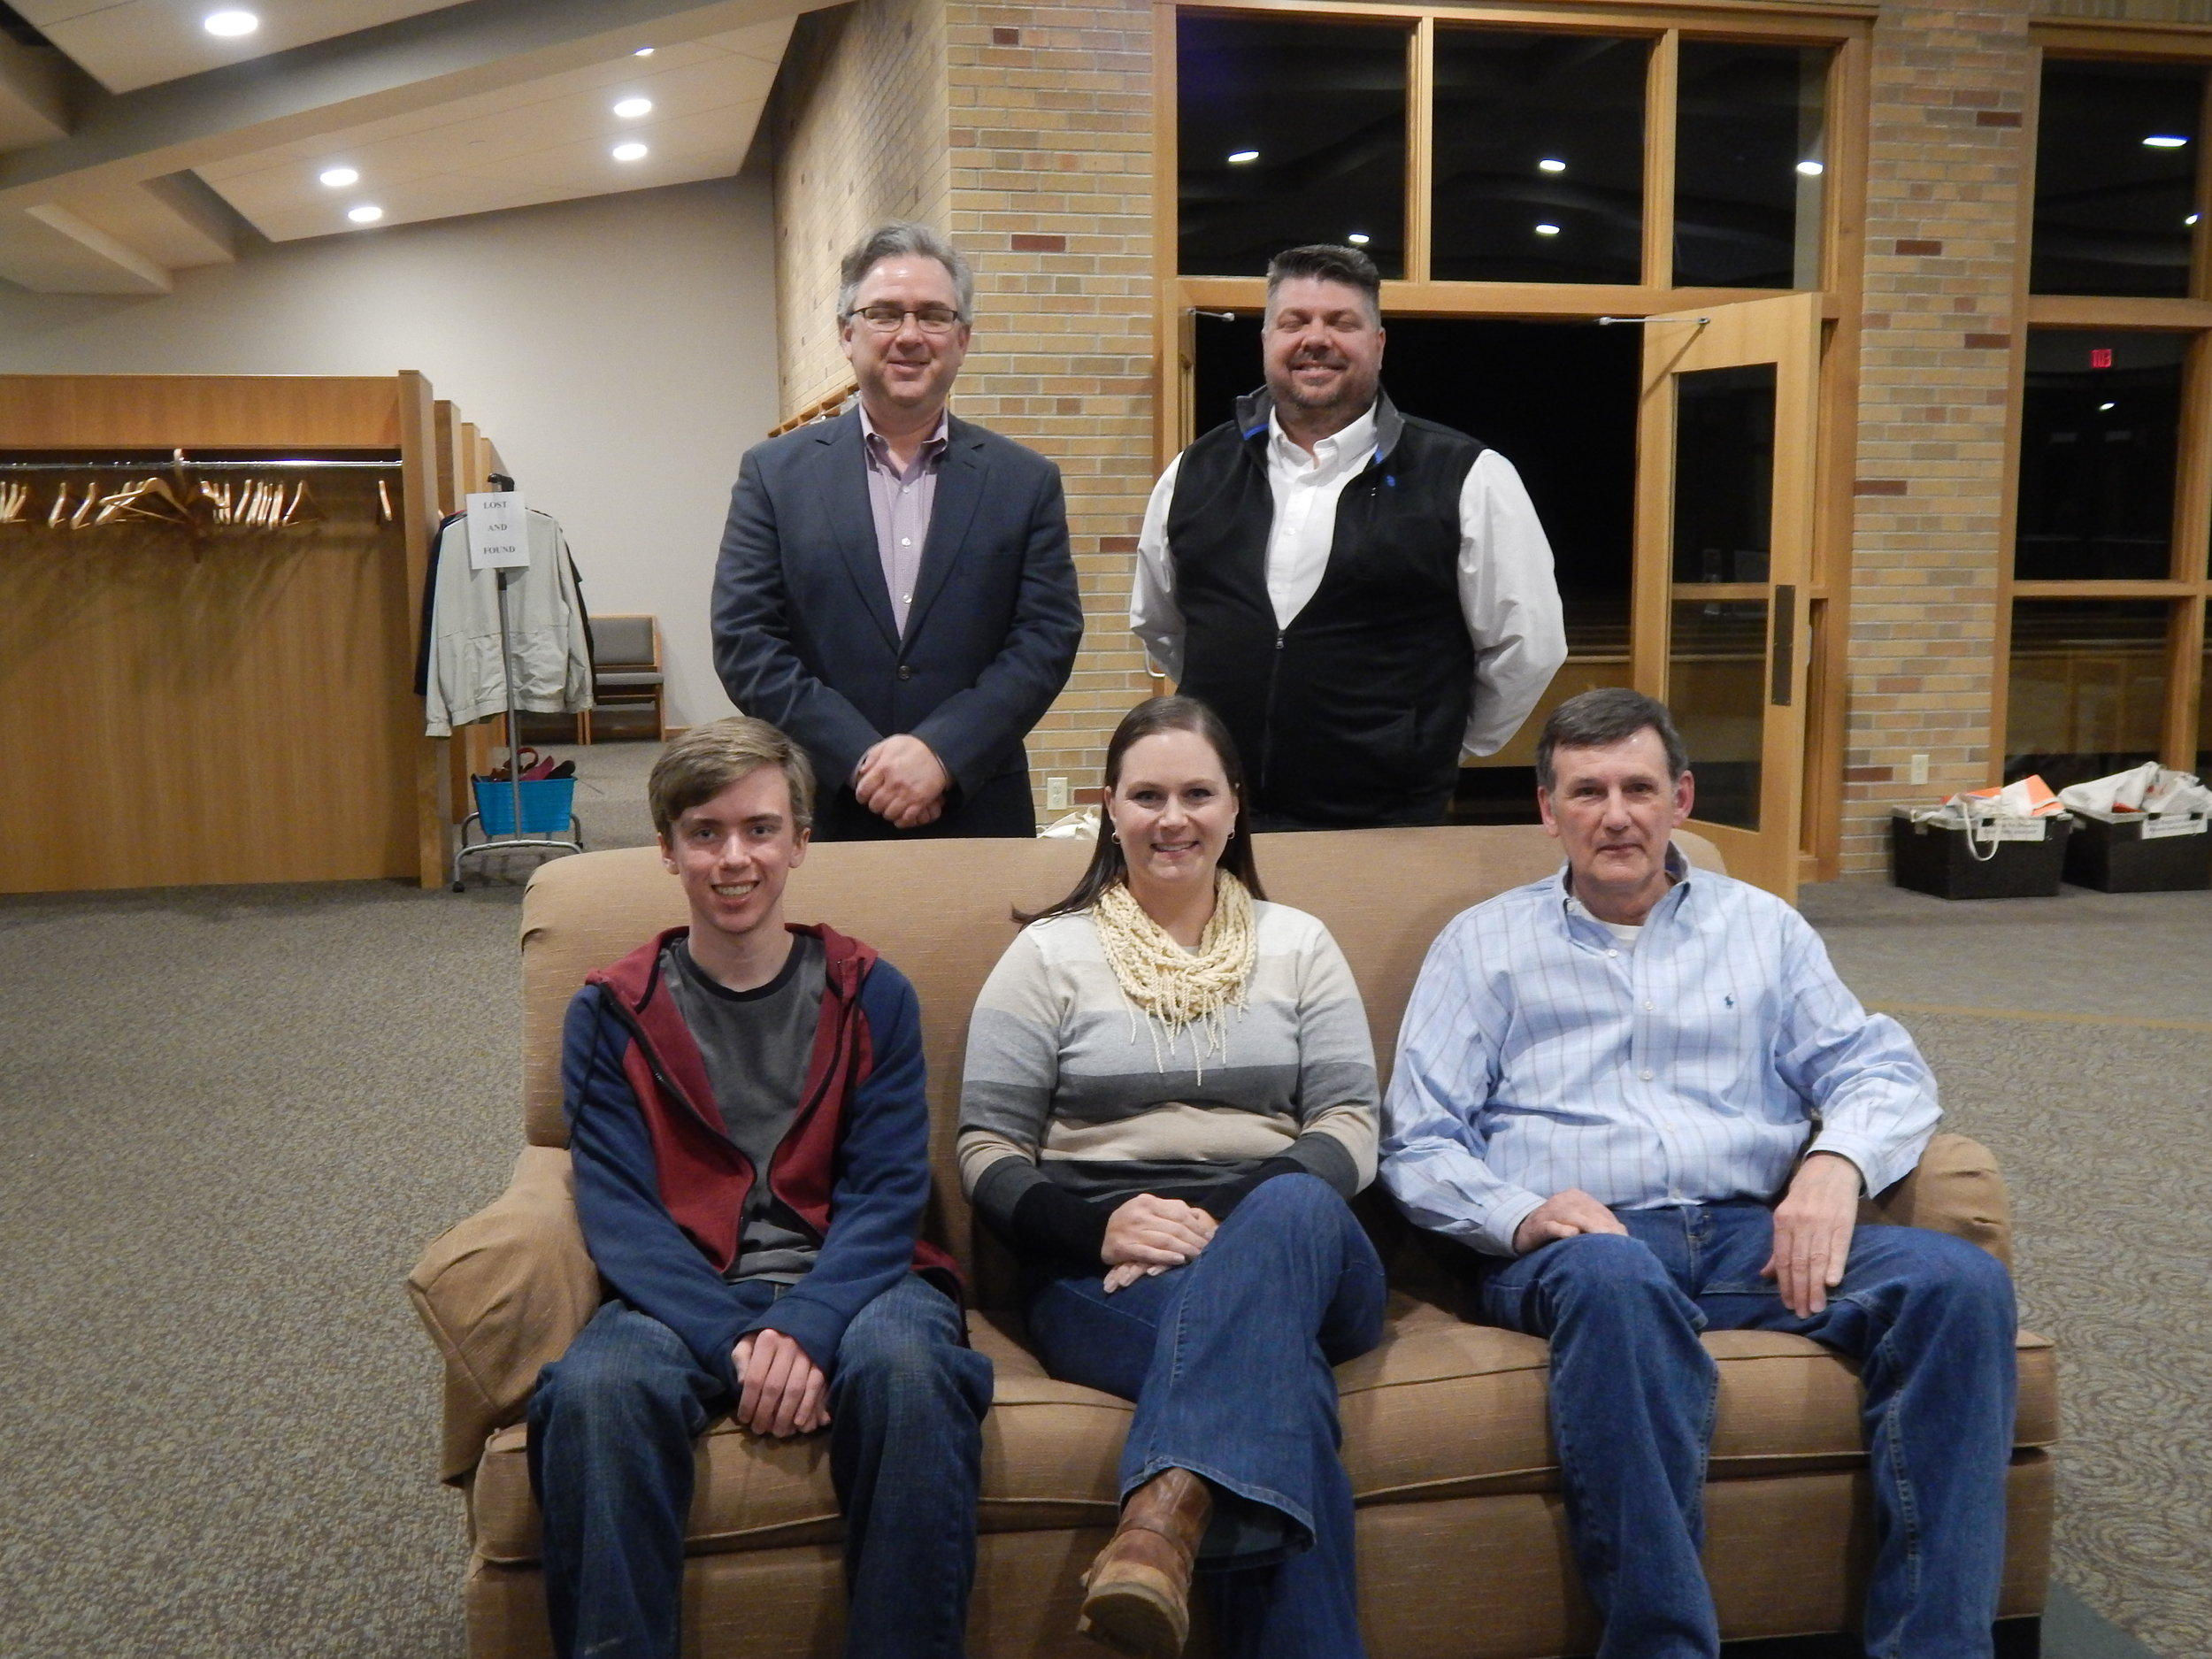 Our Savior's Lutheran Team